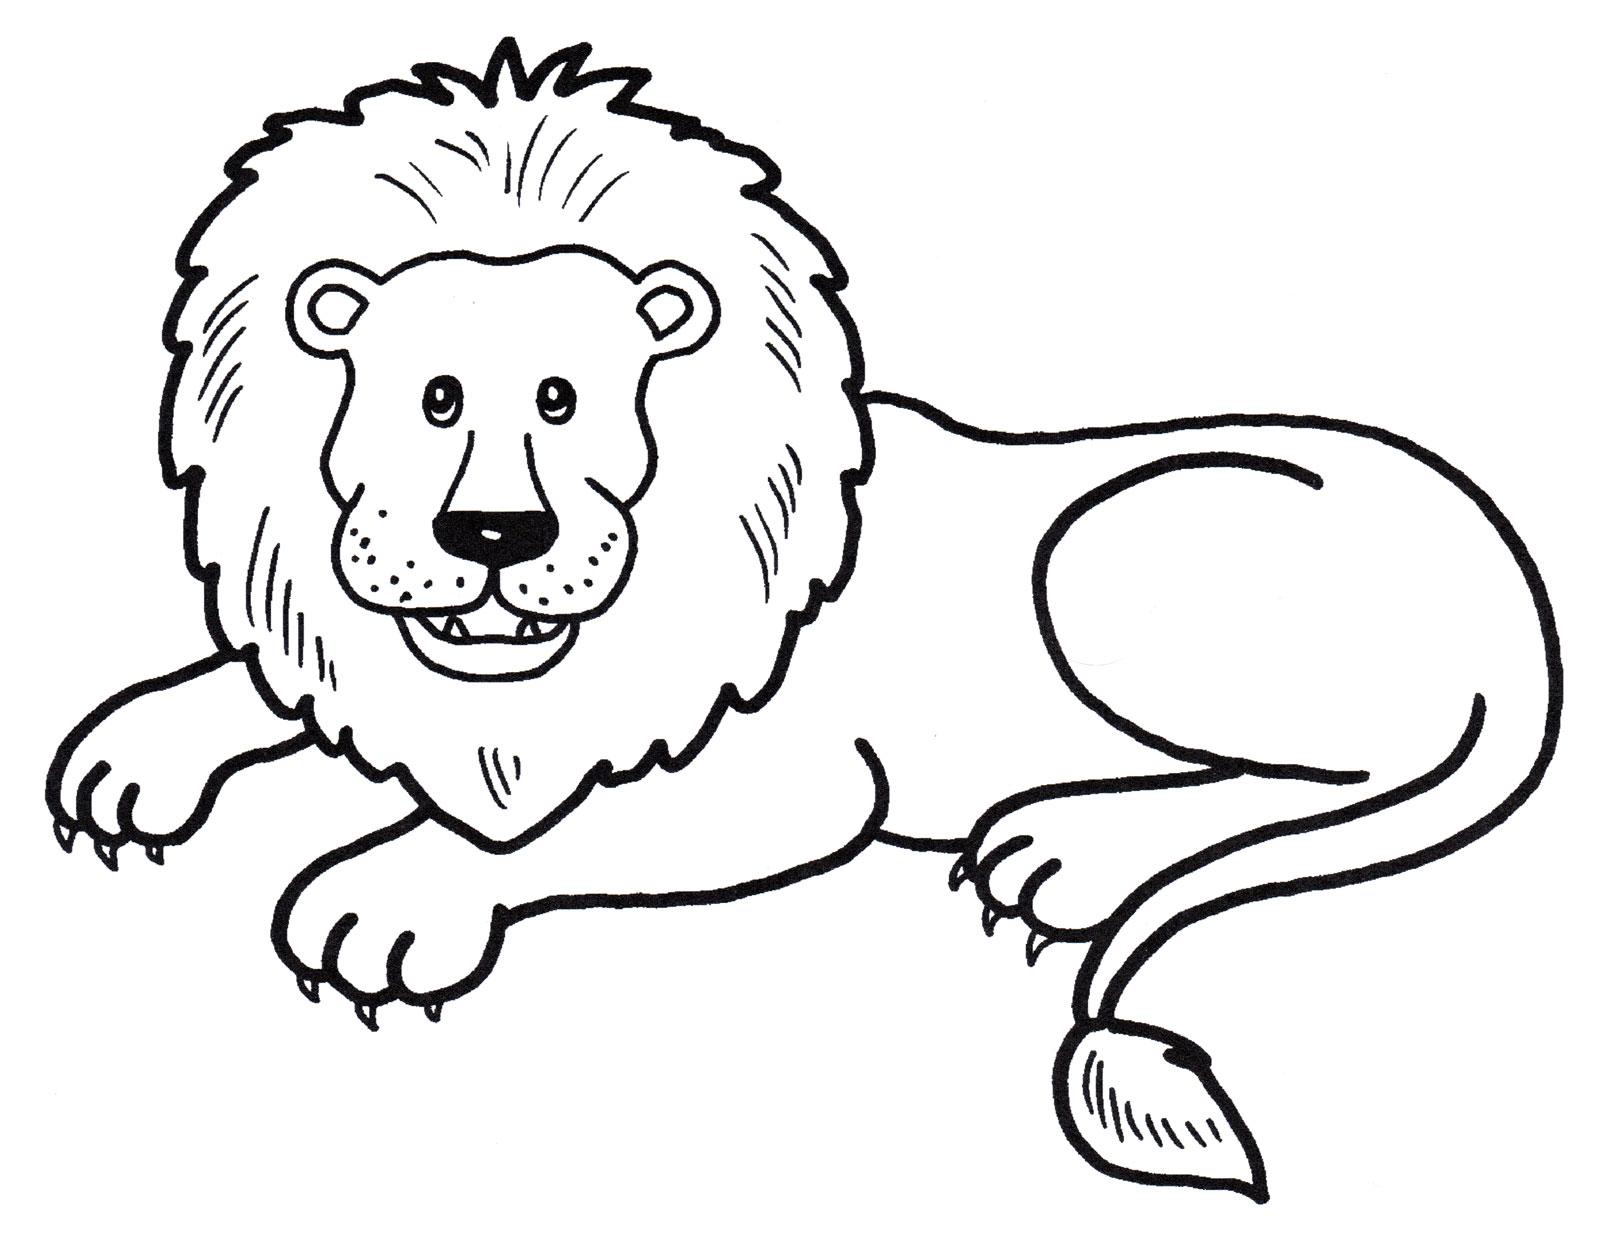 Раскраска Лев с гривой - распечатать бесплатно